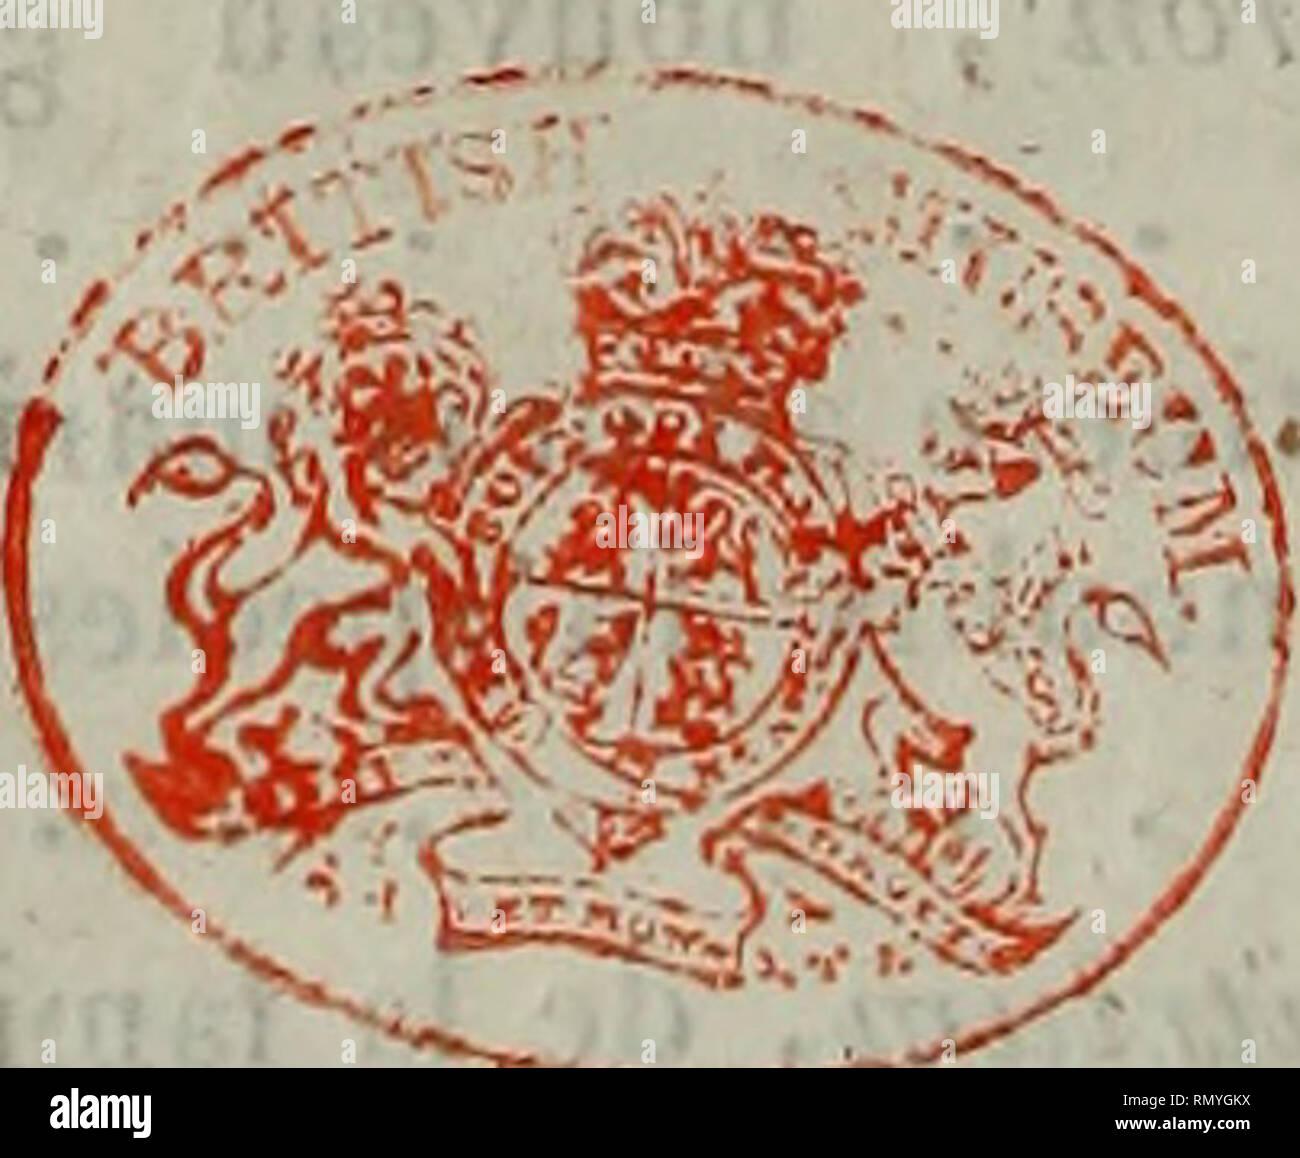 . Annales des Sciences Naturelles Botaniques. 384 TABLE DES ARTICLES. Description de trois espèces nouvelles de Veronica , par M. Richard CUNNINGHAM. .!. ;...«: . 381 EXTRAITS DOÛVRAGES GENERAUX ET MELANGES. Antonii Laurentii de Jussieu introductio in Historiam plantarum . 97, 193 Ordinesnaturales in borto Parisiensi primùm dispositi,auct. A. L. de Jussieu. 23i Herbiers d'Orient, par M. Aucher-Eloy. ,....; 318 TABLE DES PLANCHES RELATIVES AUX MÉMOIRES CONTENUS DANS CE VOLUME, Planche 1, 2. Cryptogames nouvelles de^France. 3. Philippodendron regium. 4. Conomitrium Julianum. 5. Mode de multiplic - Stock Image